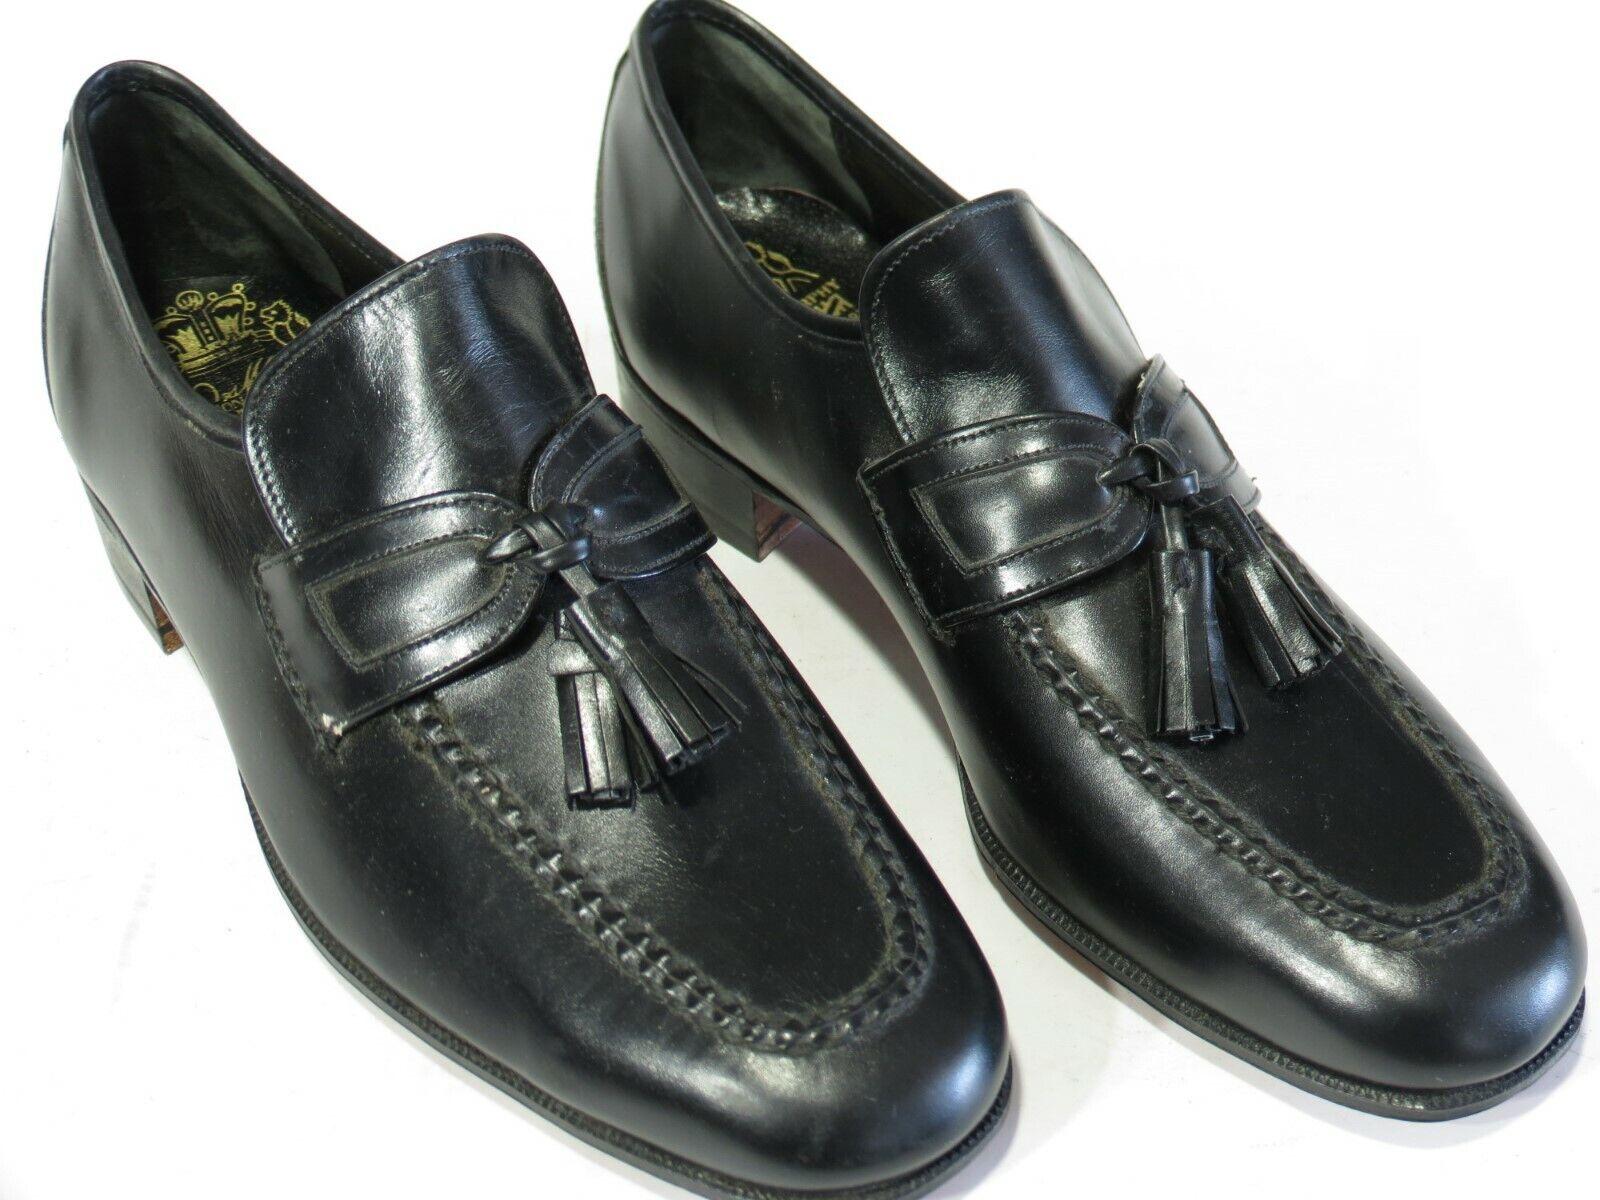 Neuf Vintage Johnston & Murphy Crown Aristocraft Chaussures 7.5 Noir Tassel Loafers